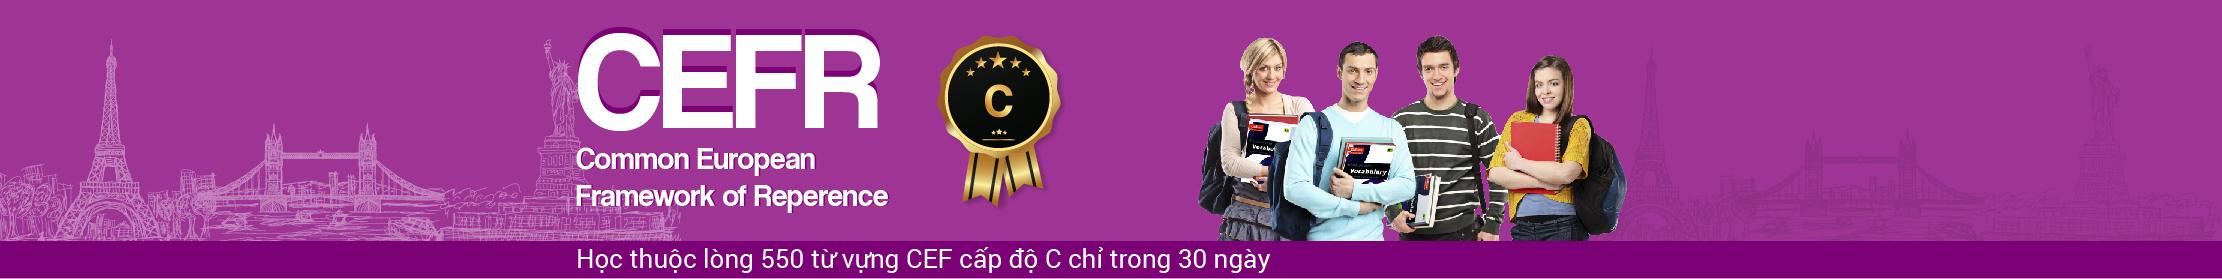 CEFR - Level C